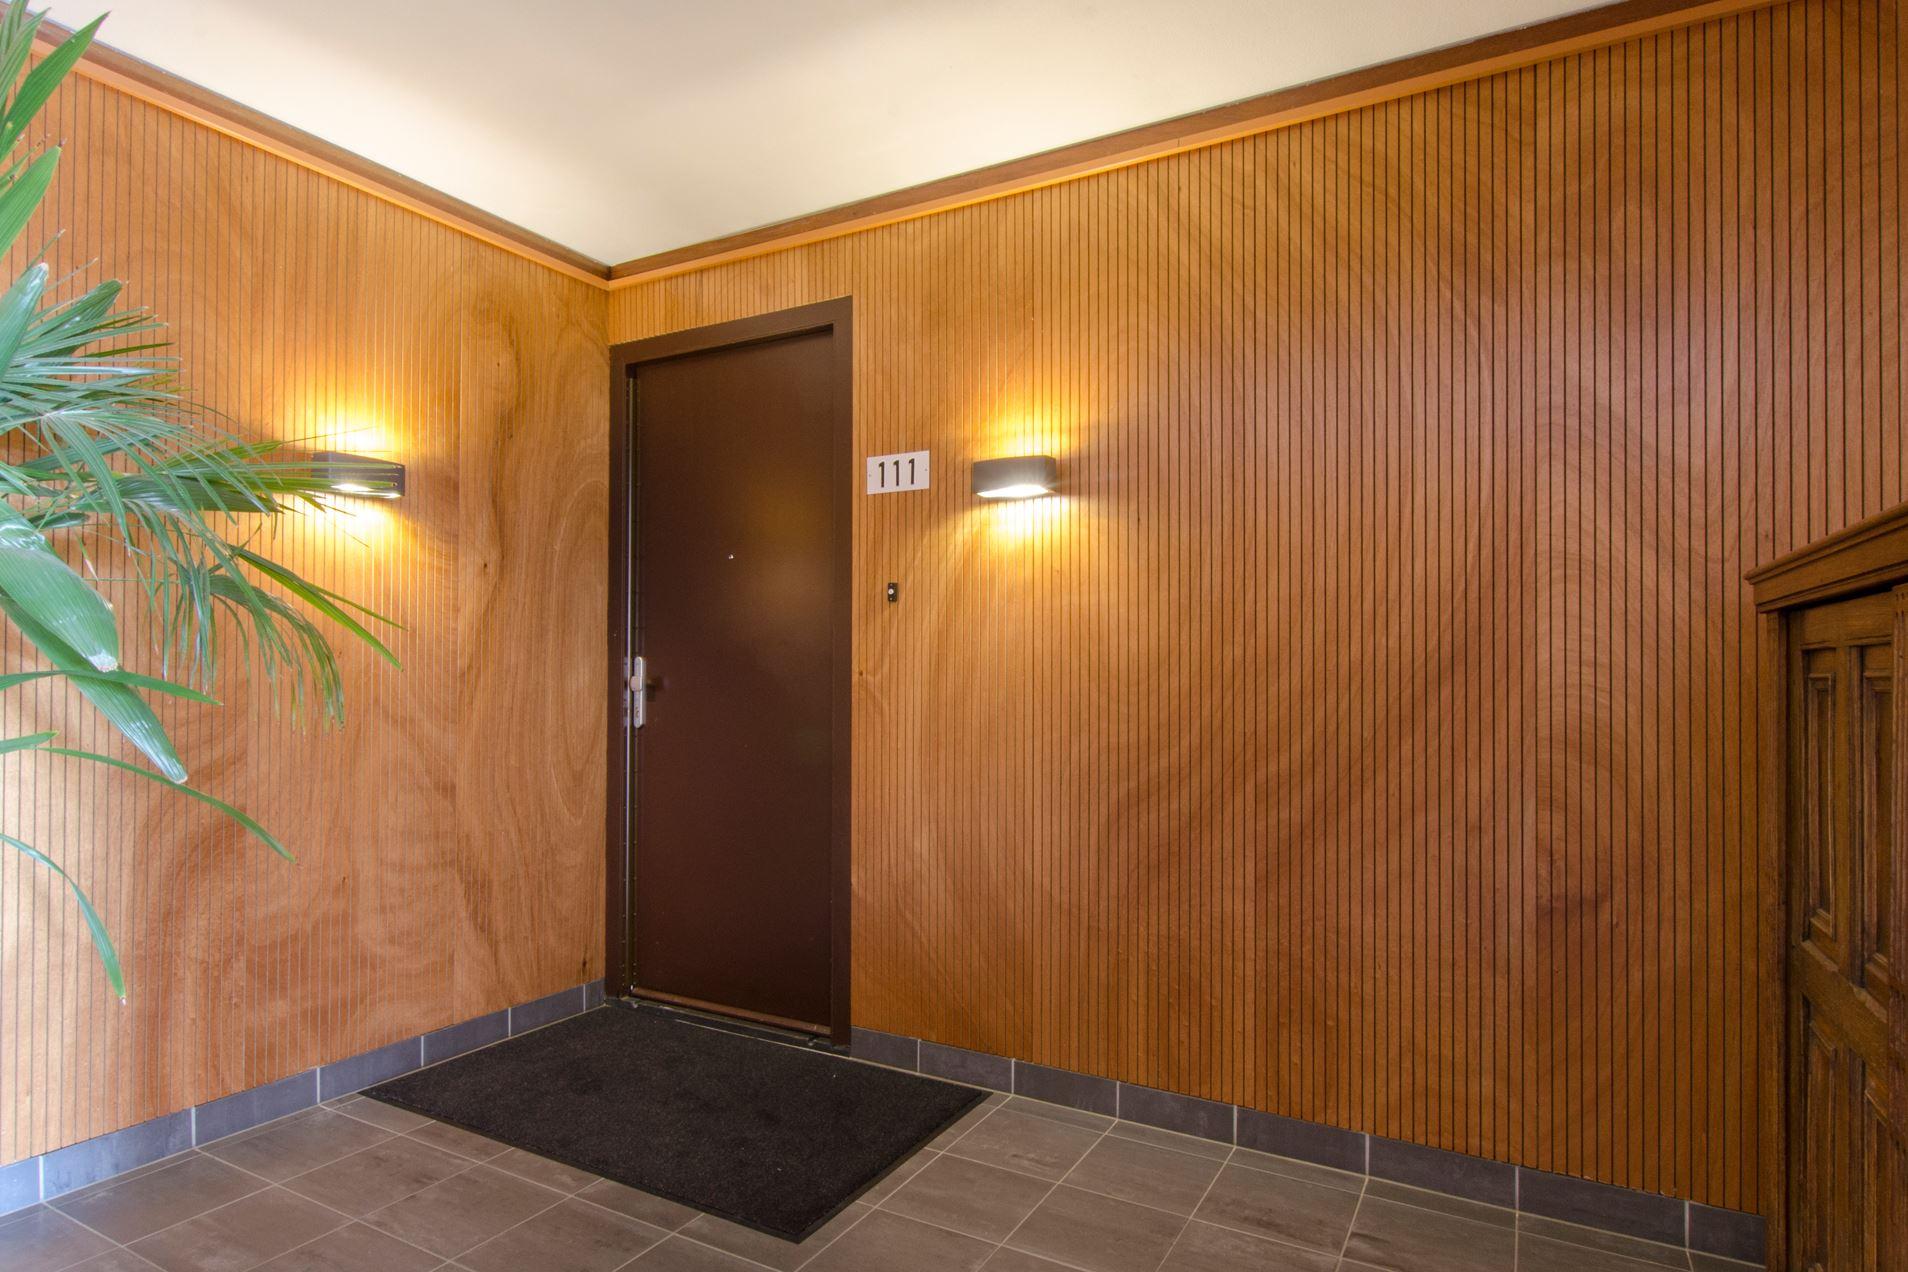 Appartement te koop: karel mollenstraat zuid 111 5554 cg